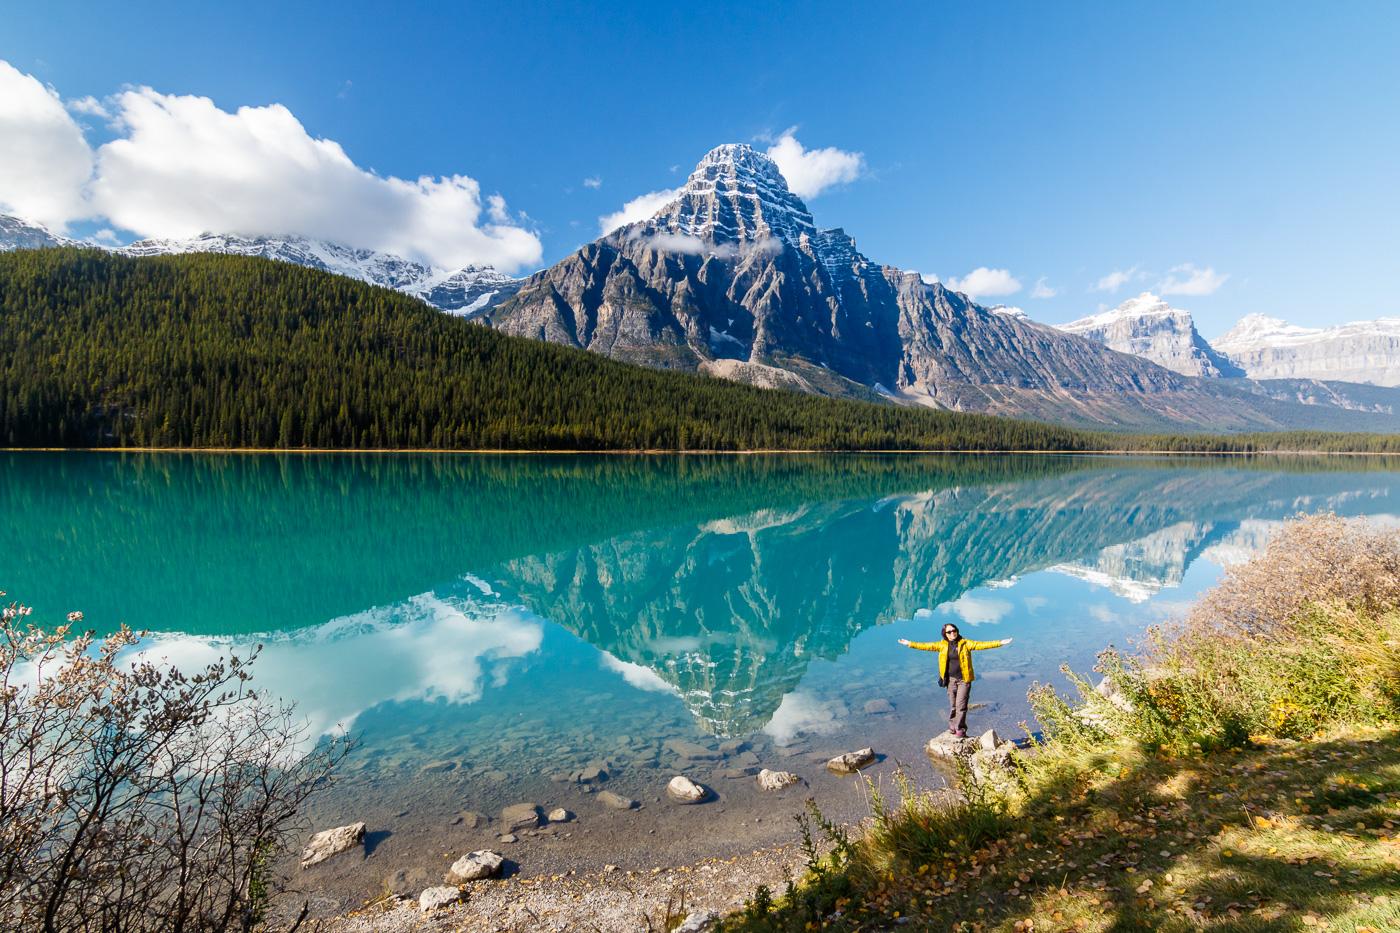 Lake reflections - Paisatges de Nord-Amèrica - Raül Carmona - Fotografia, Fotografia d'estudi, esdeveniments i Natura